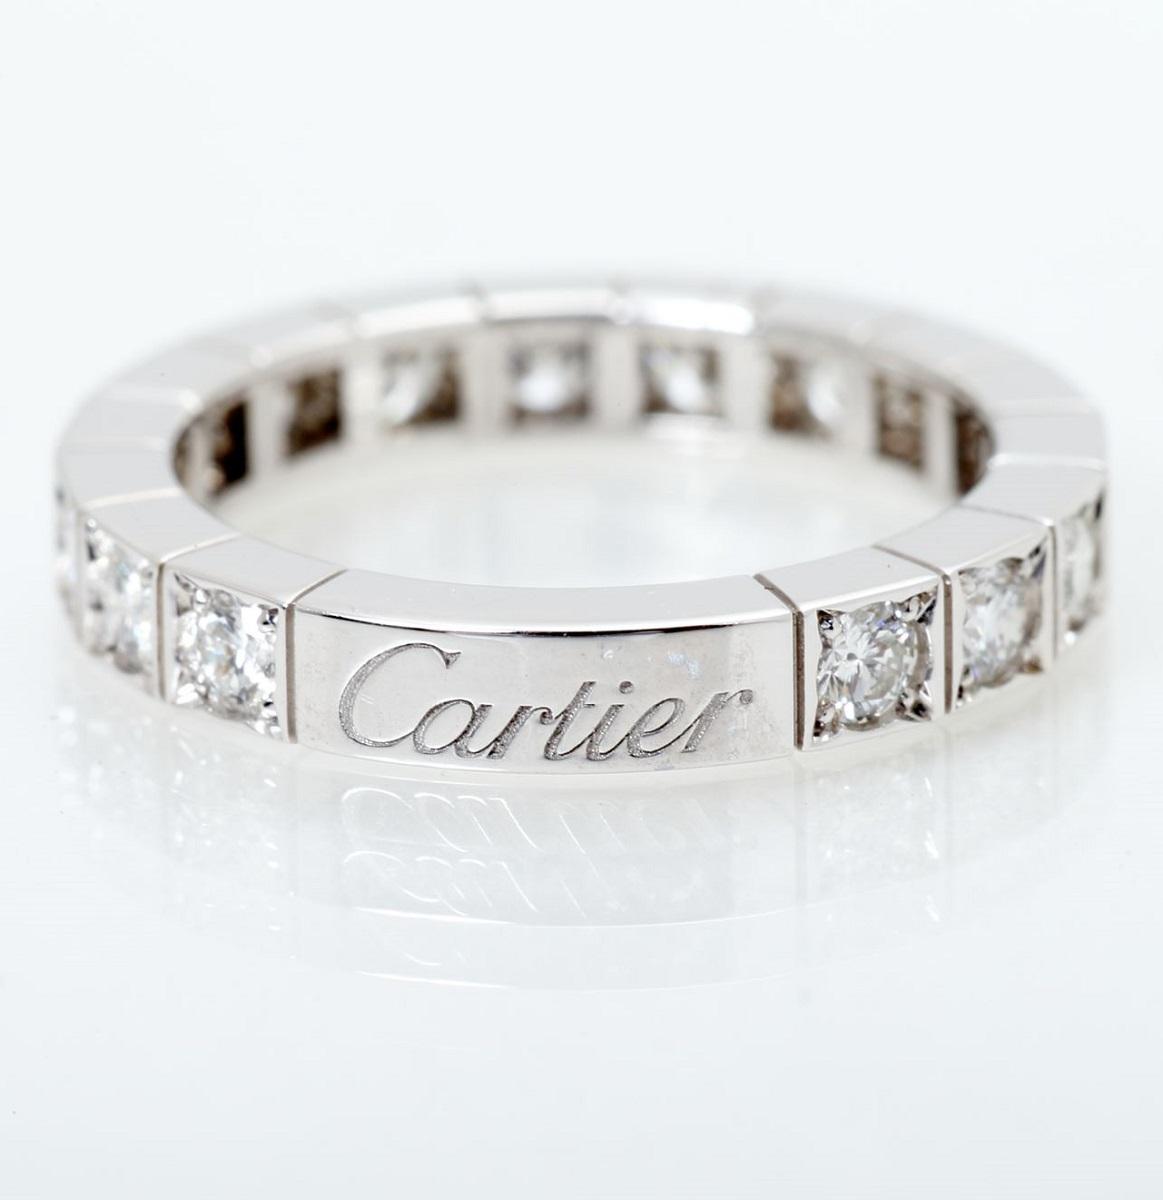 Cartier カルティエ ラニエール フルダイヤ 750WG  ホワイトゴールド #48 腕時計 送料無料 【トレジャースポット】【中古】